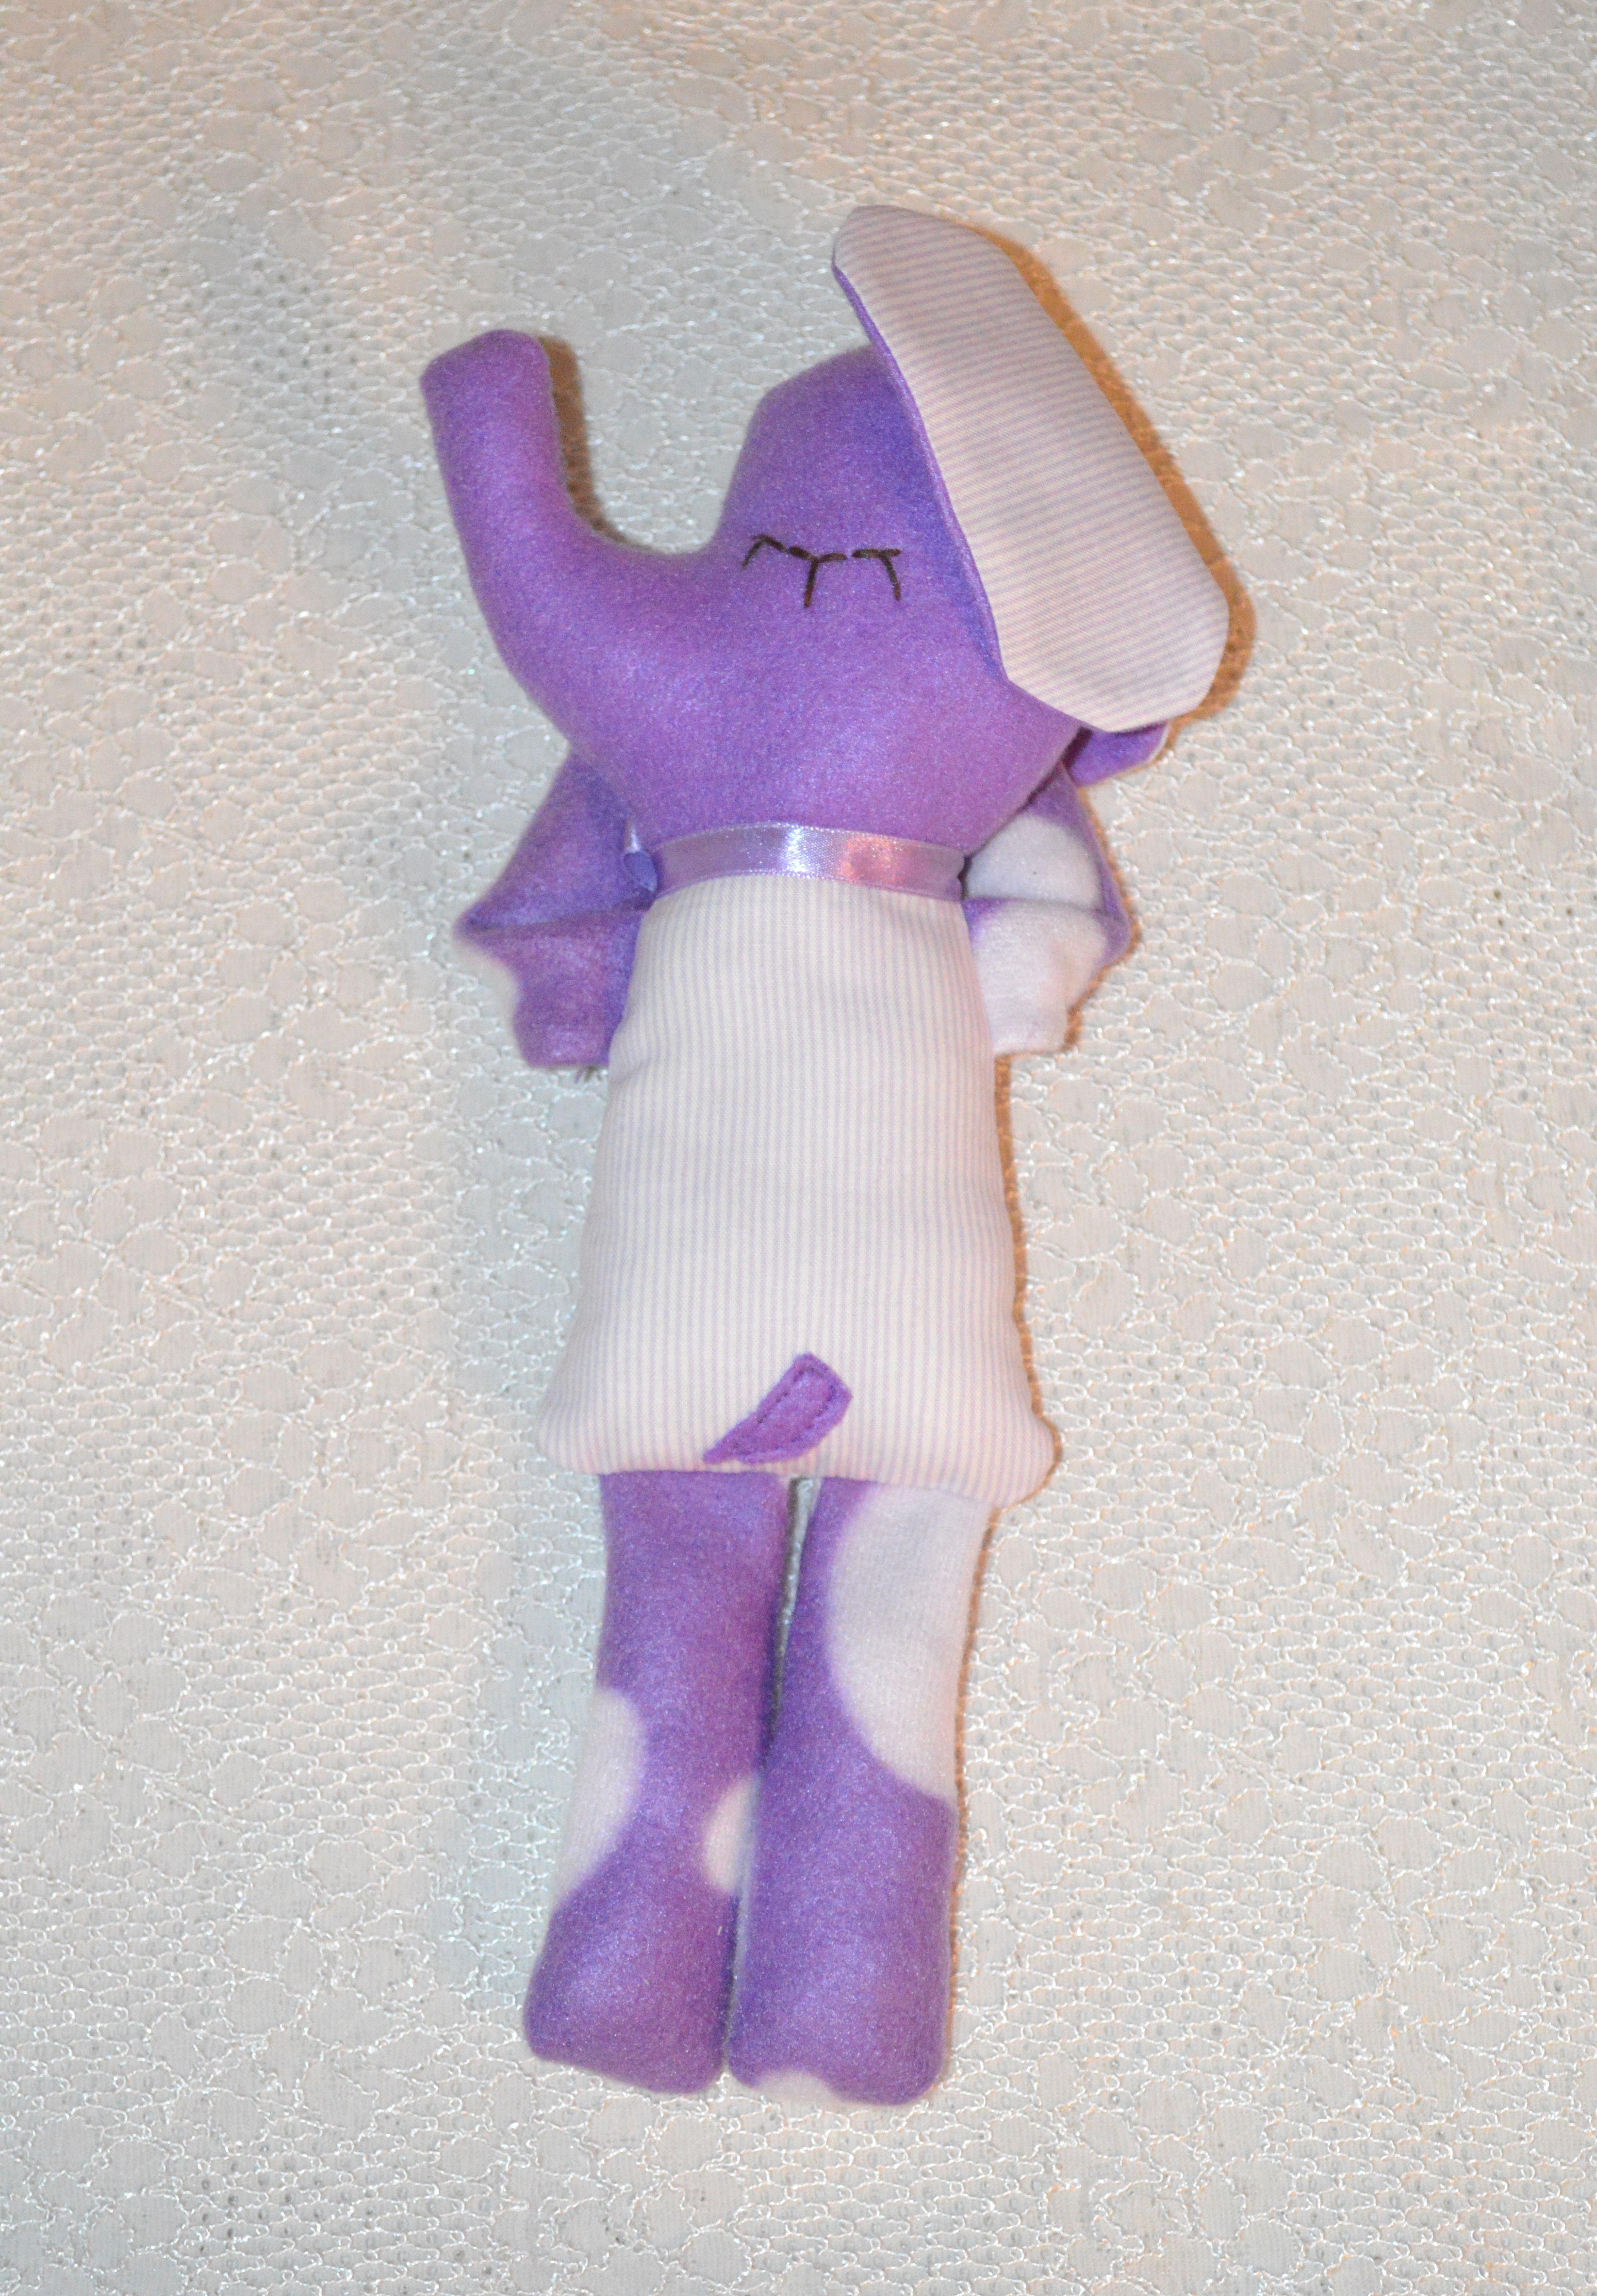 малыши игрушки сон друзья сладкий подарки сплюшки спят